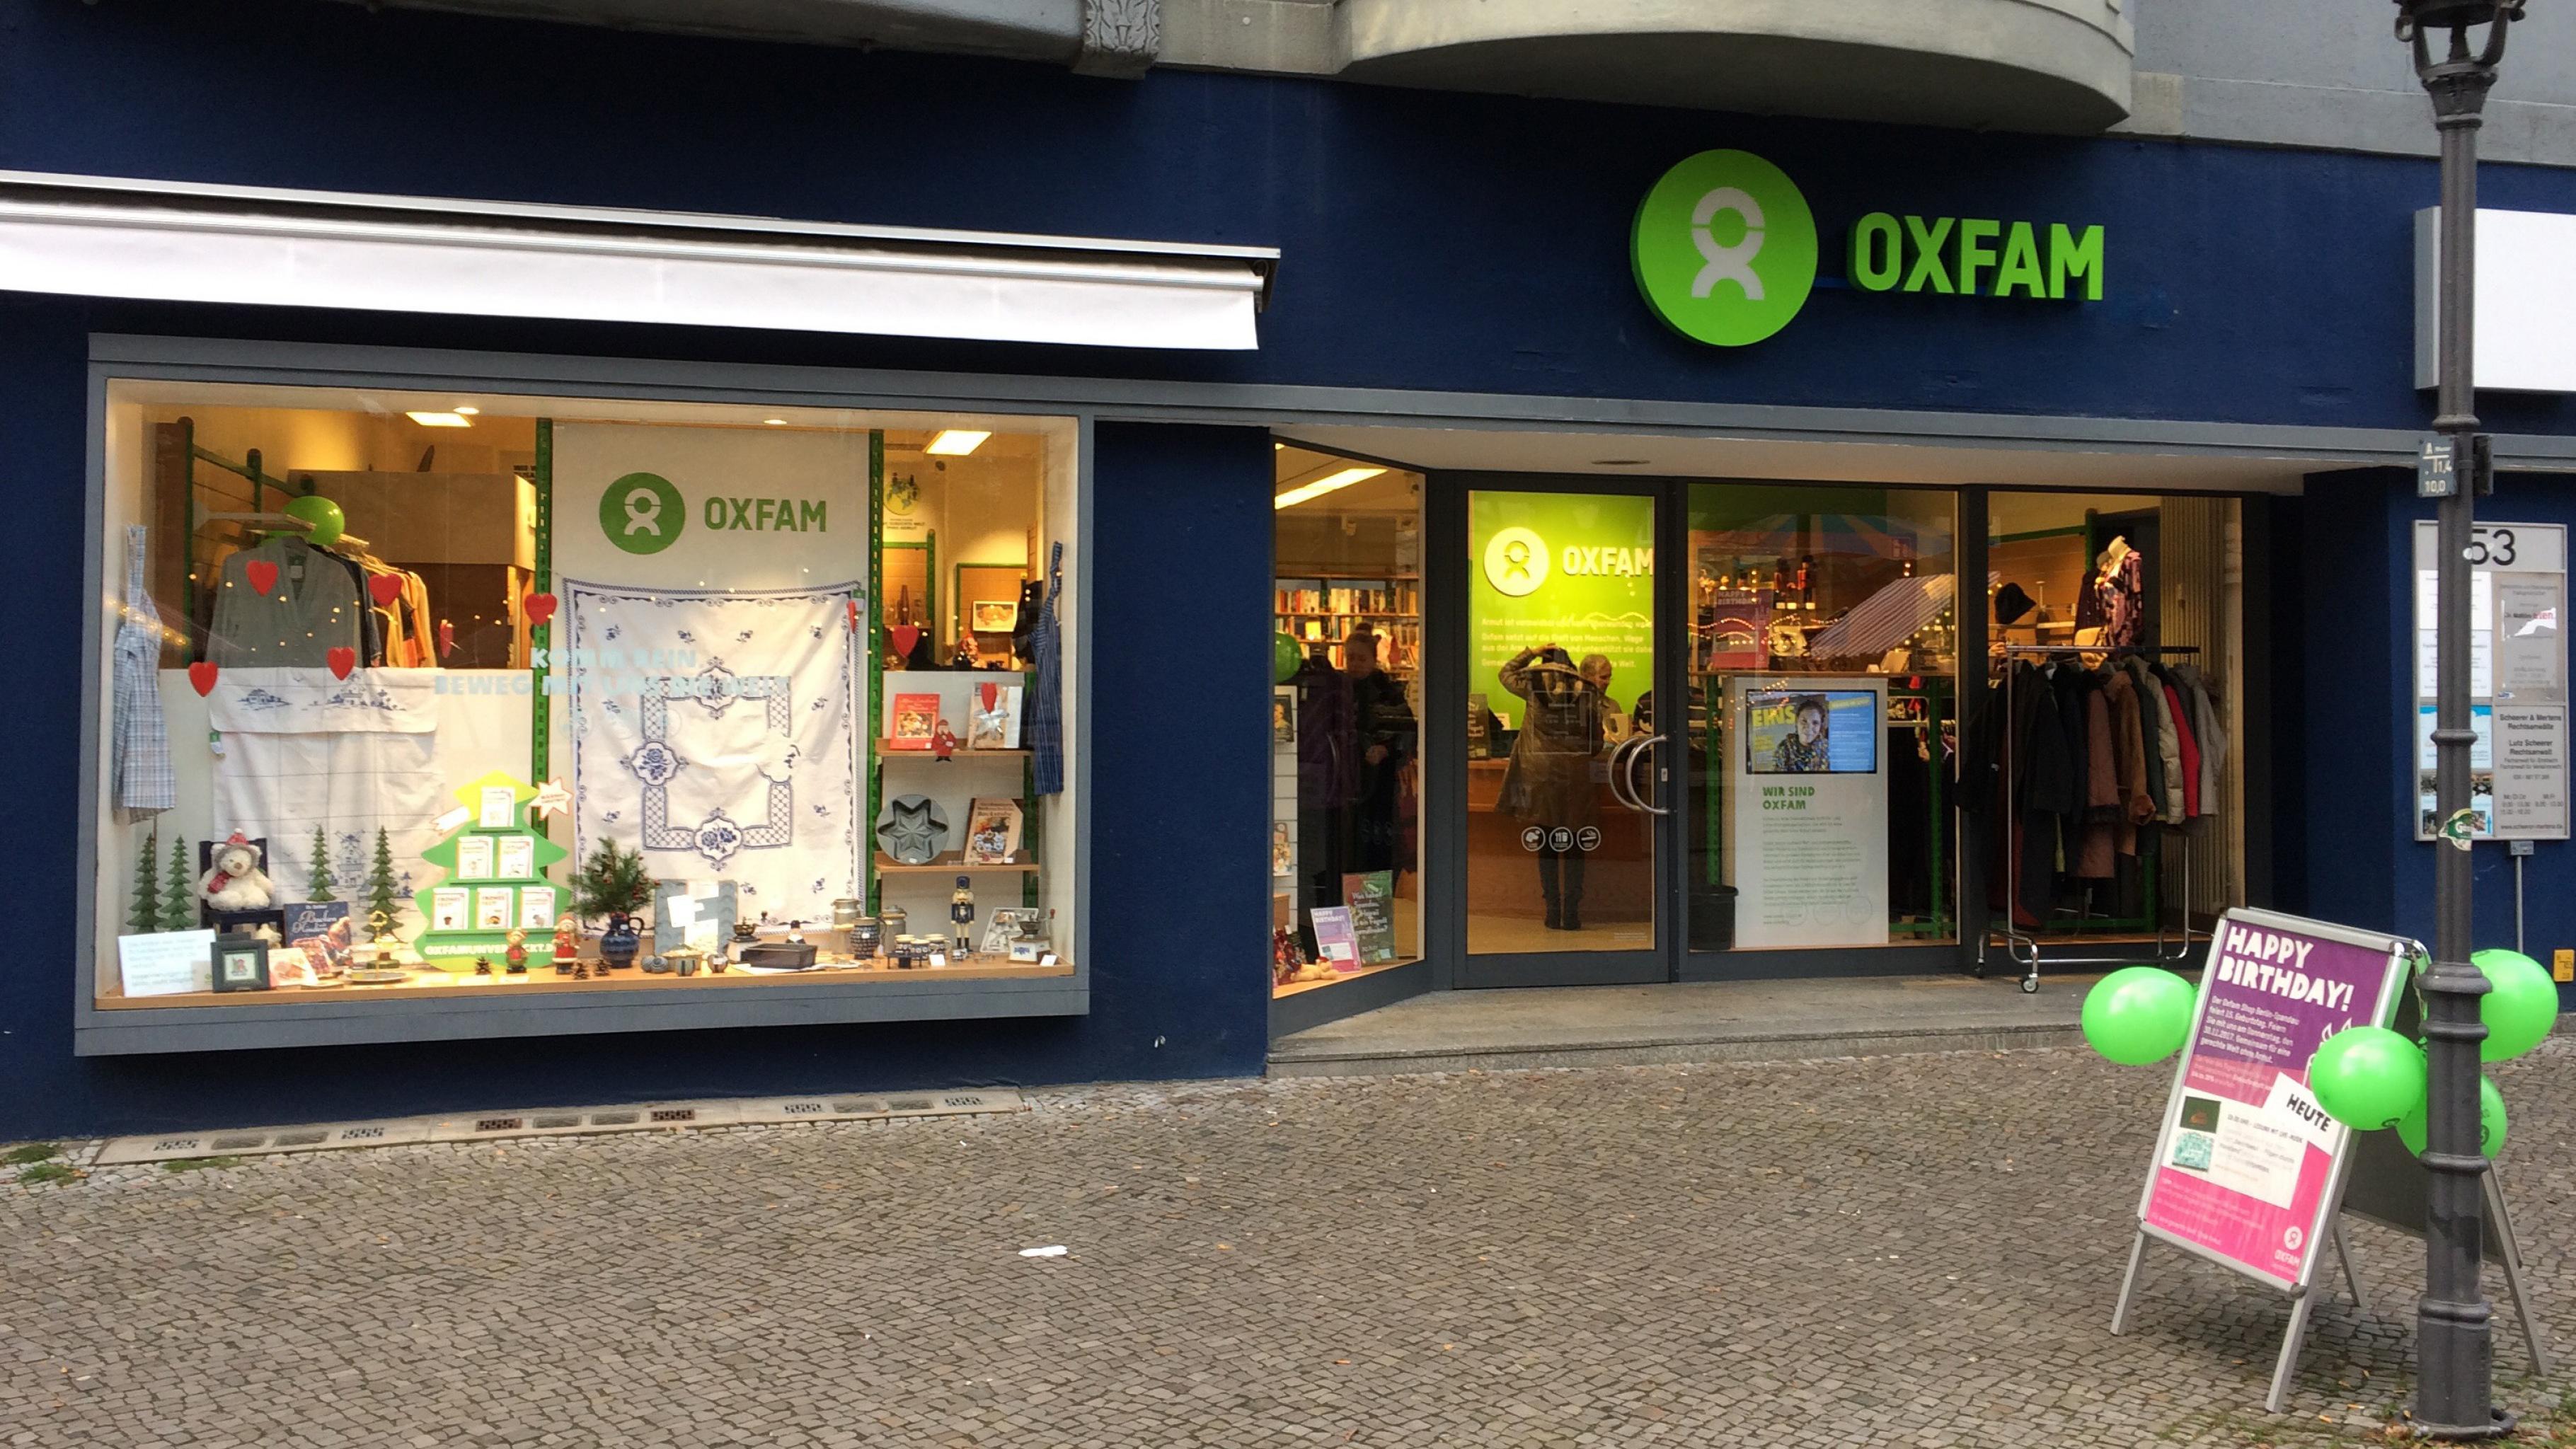 Secondhand kaufen spenden in berlin spandau oxfam shop for Oxfam spenden